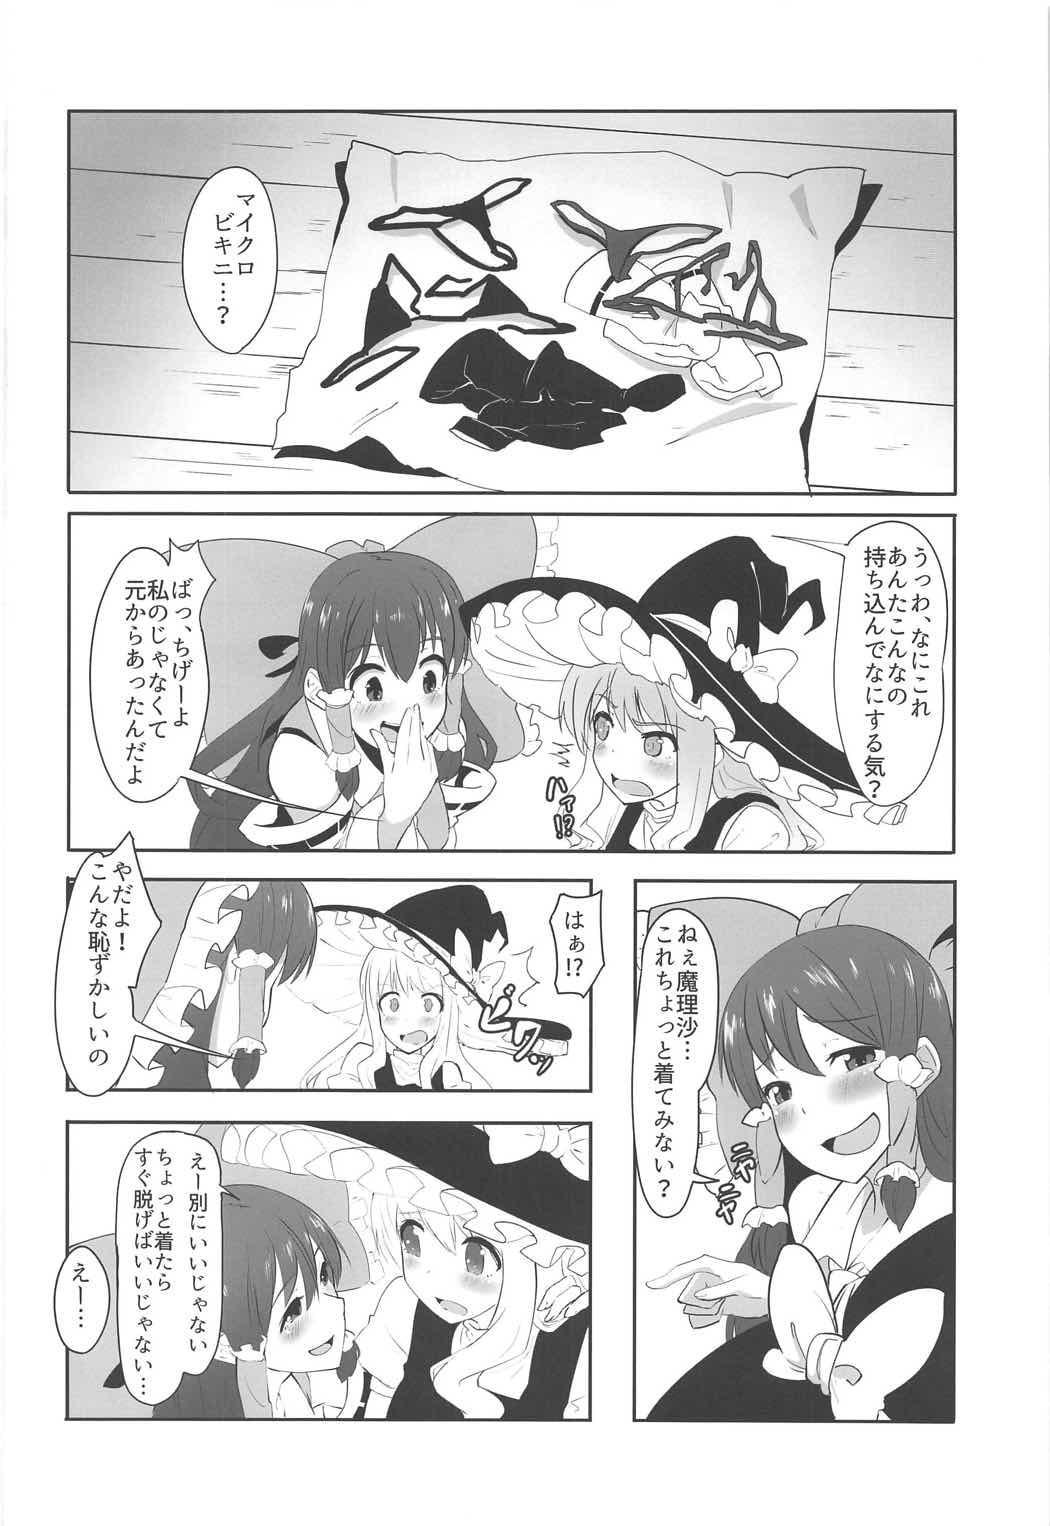 Futanari Reimu to Futanari Marisa ga Micro Bikini de Ichaicha Suru Hon 2